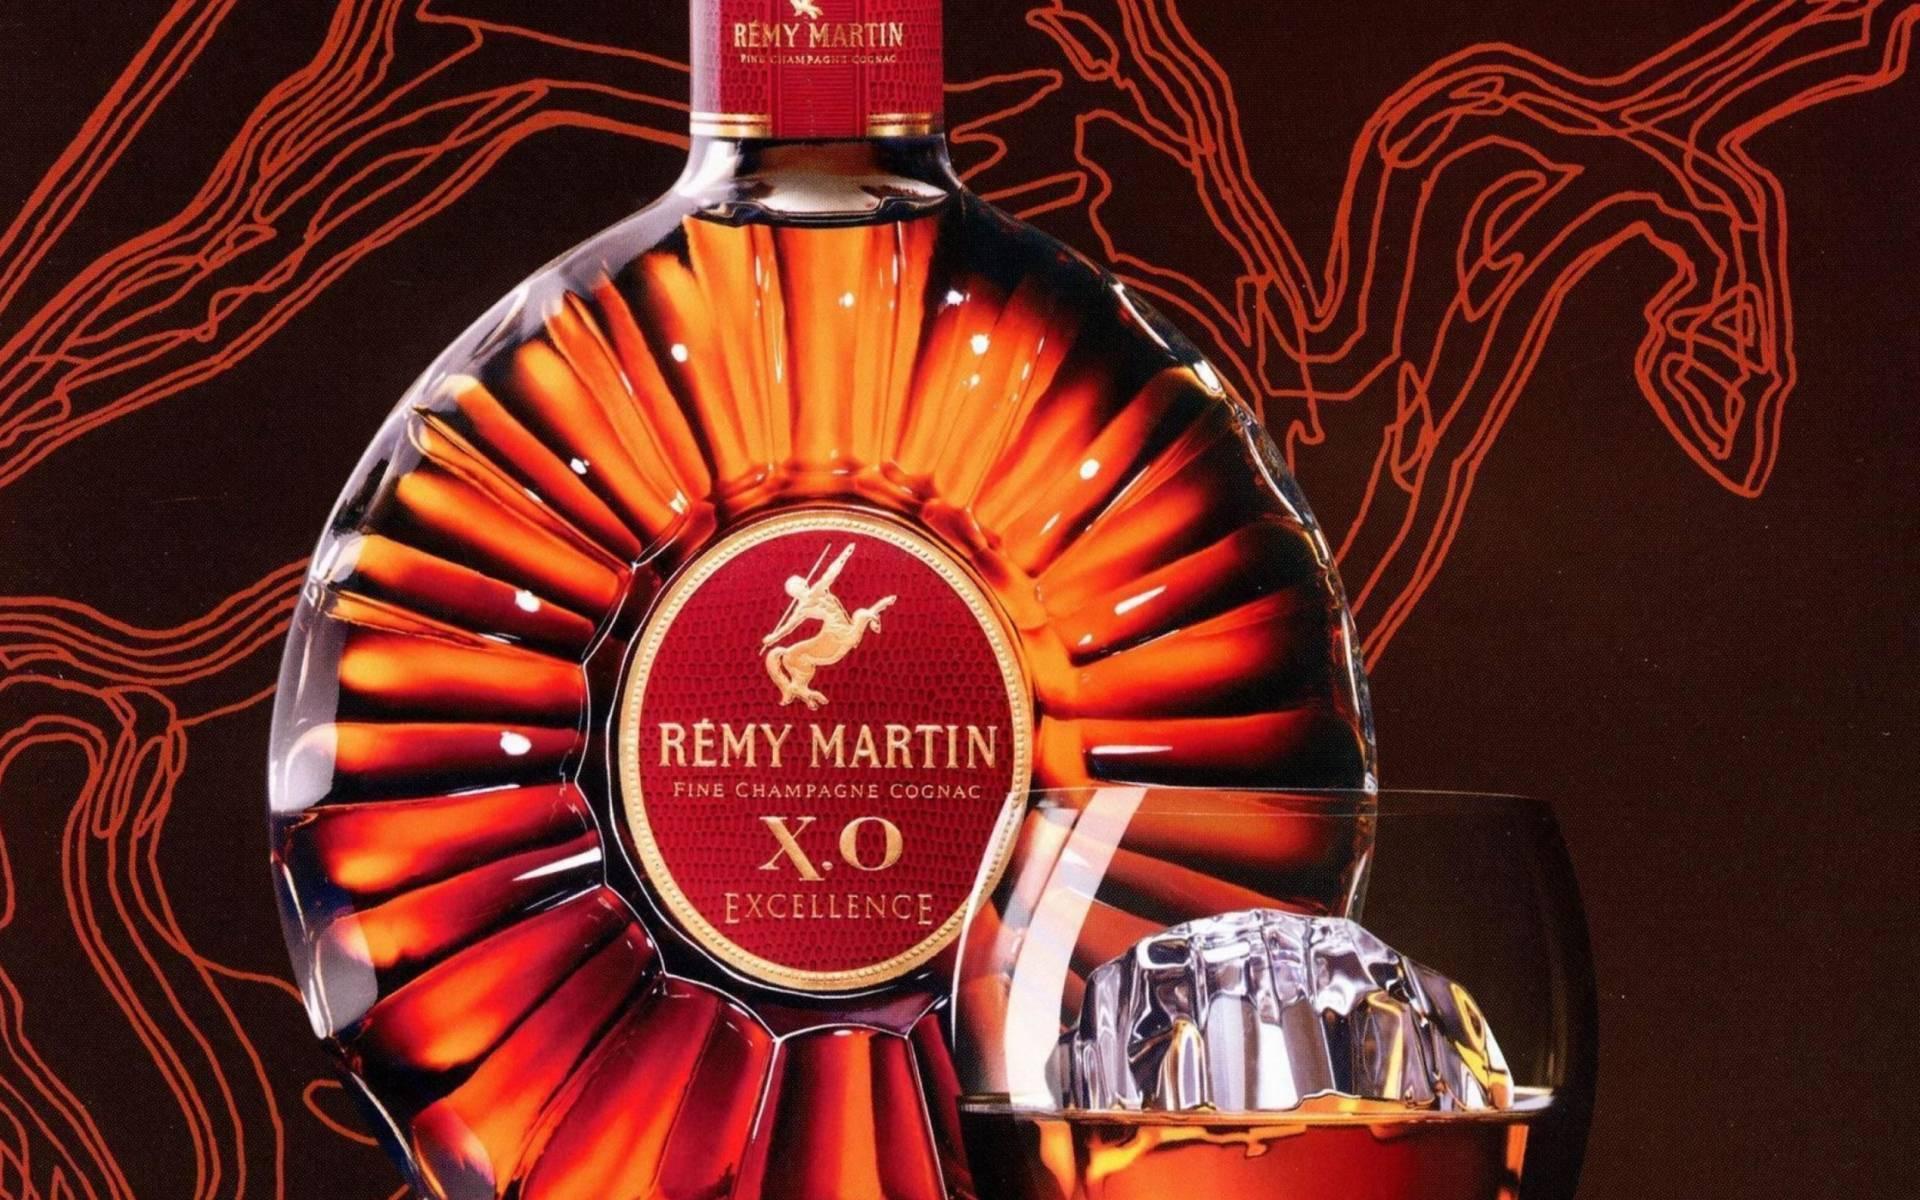 Известный коньяк реми мартин — история, разновидности